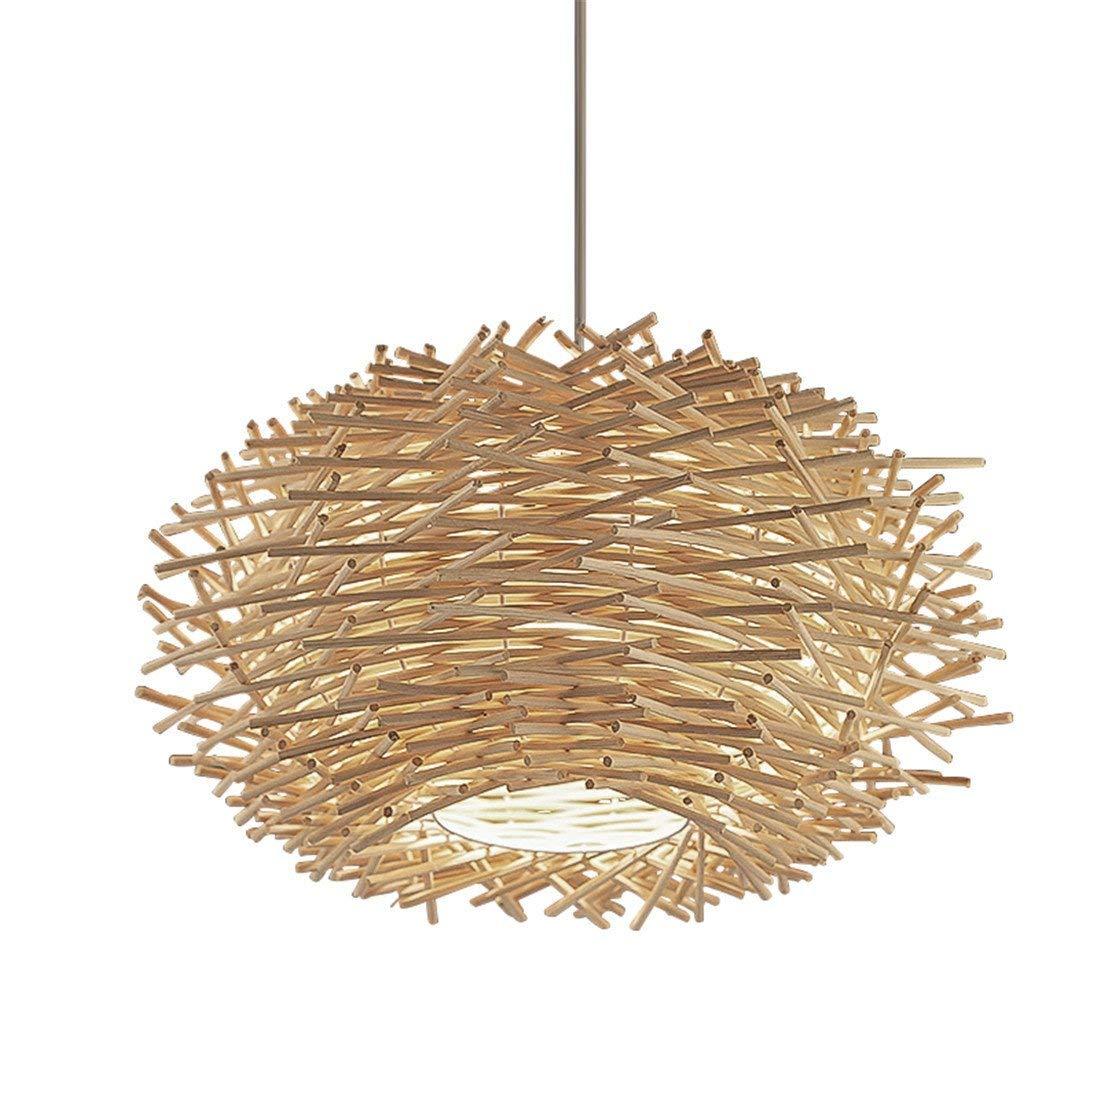 Kreative Bird'S Nest Bird'S Nest Clothing Store Coffee Bar Restaurant Rattan Hängeleuchten Holz Retro Mode Creative Light, 40 Cm